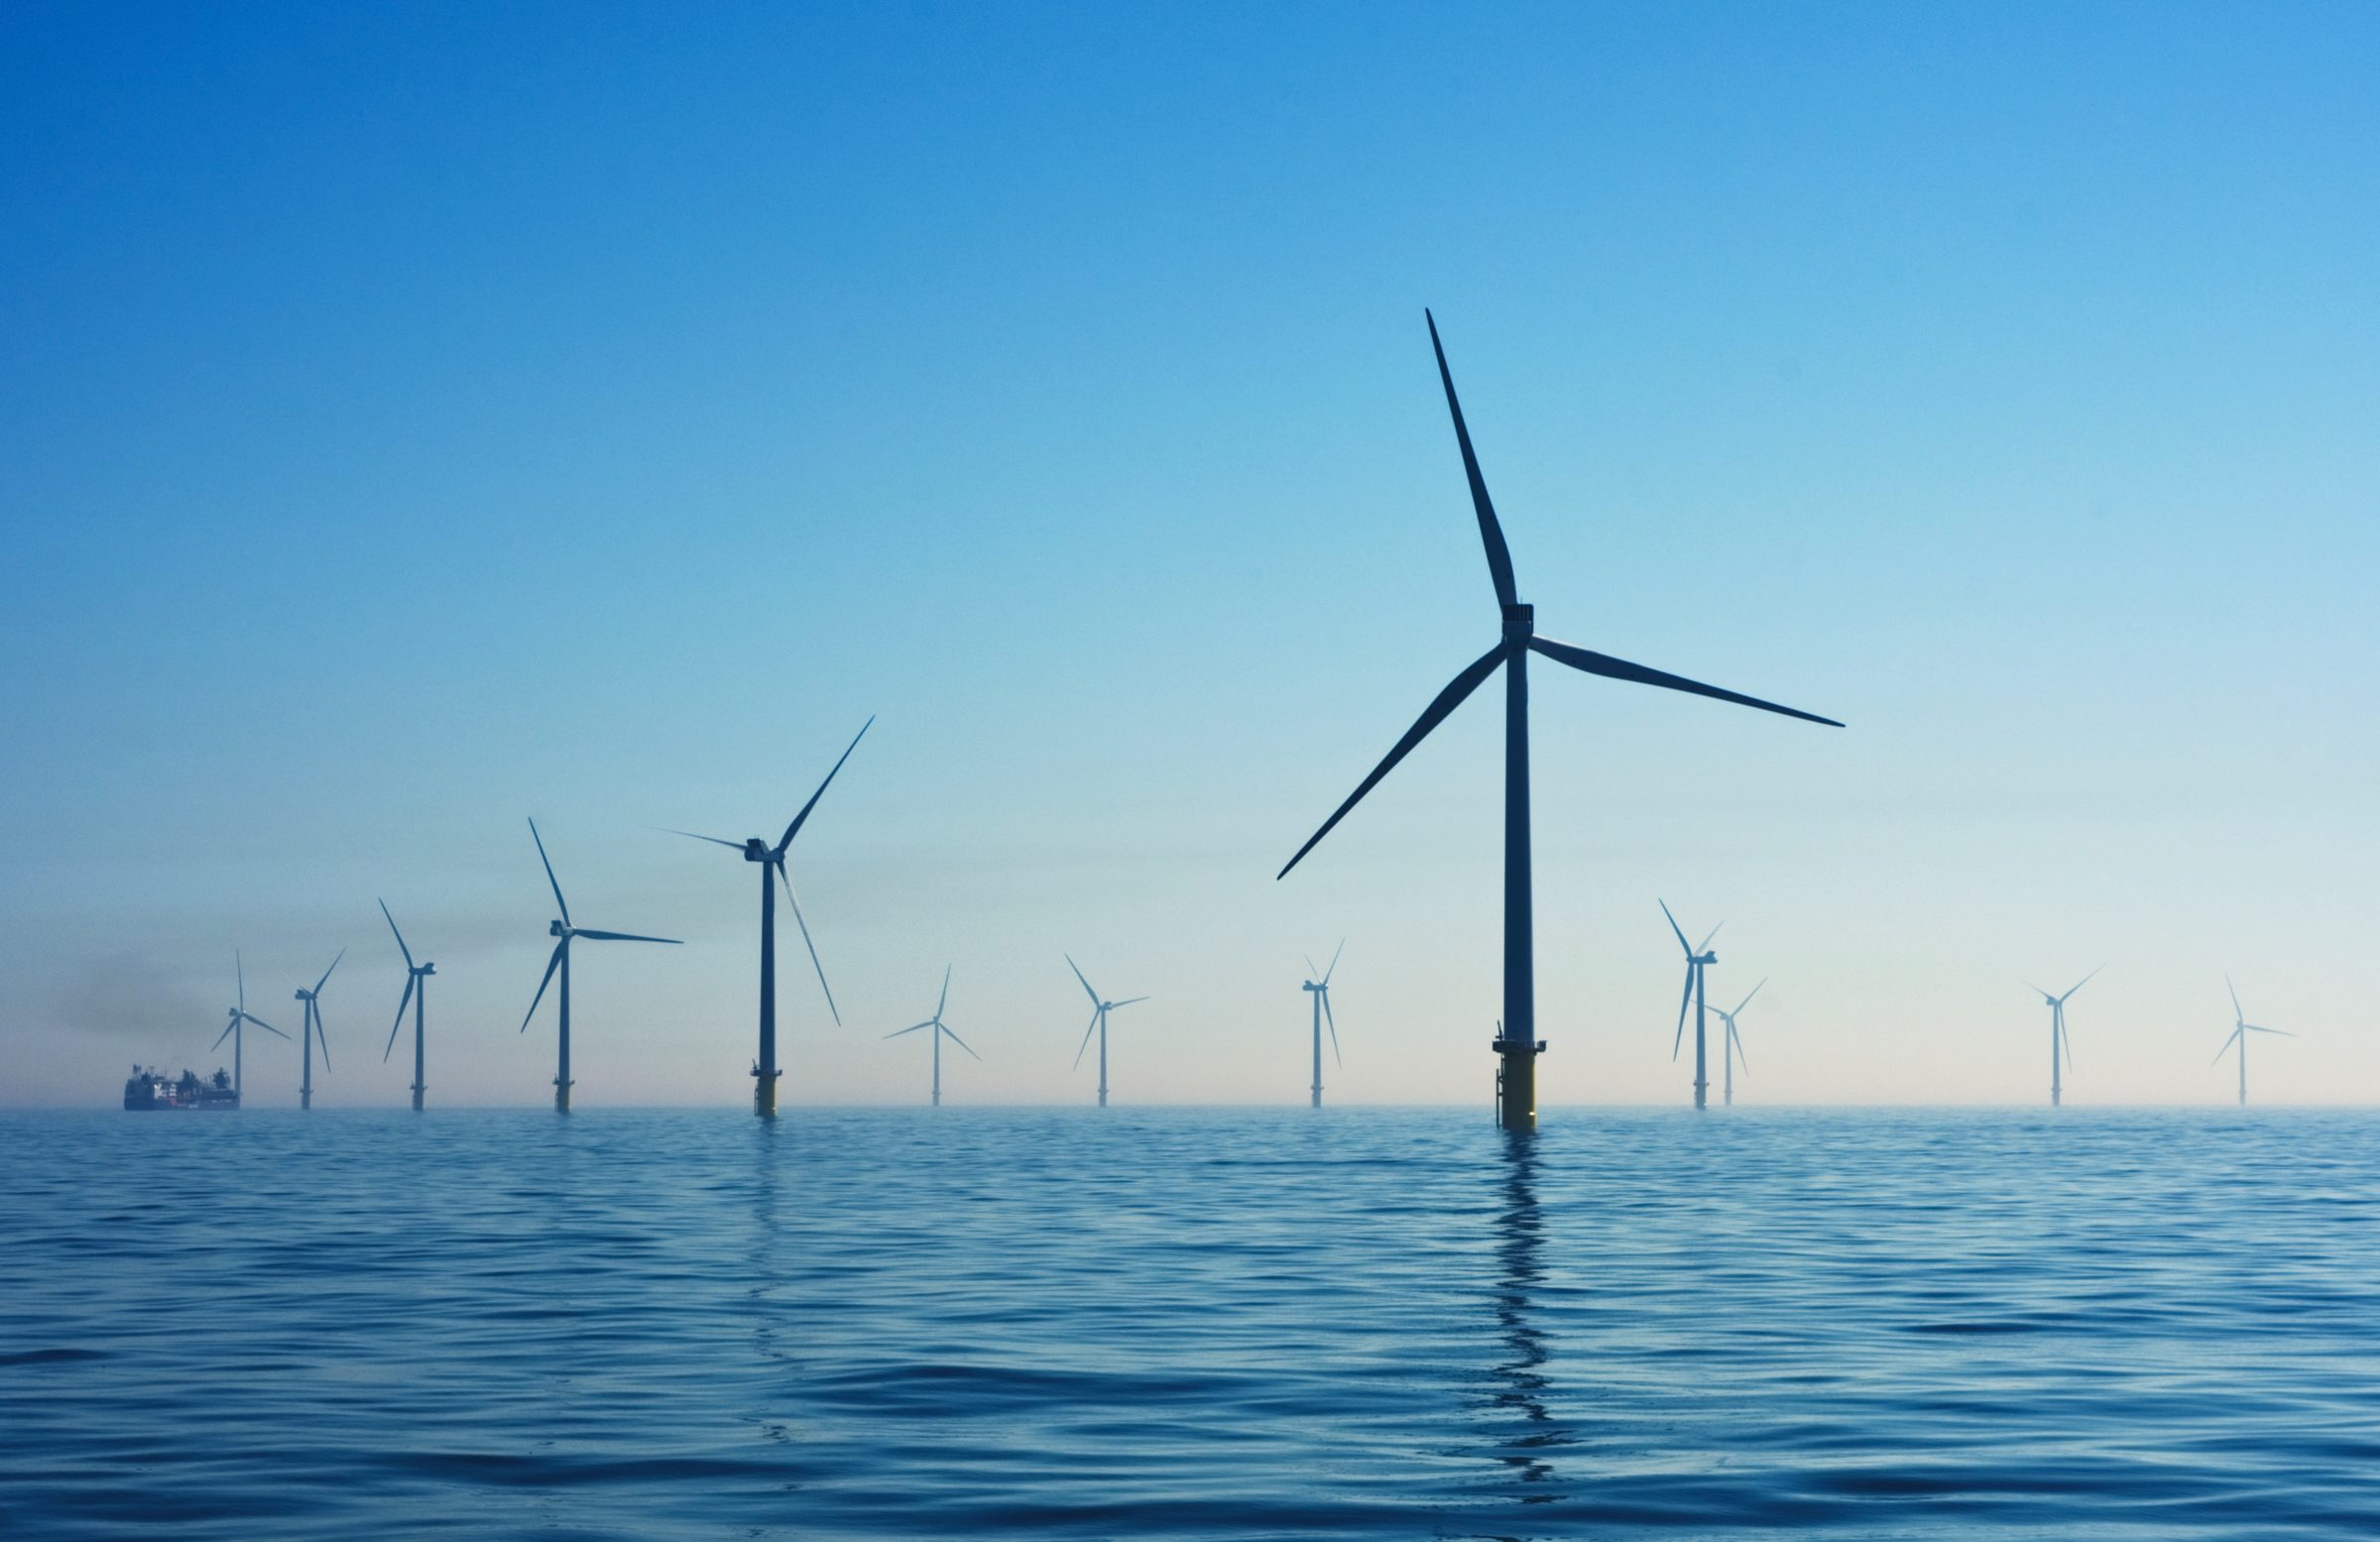 http://wind%20farm%20in%20the%20ocean%20water